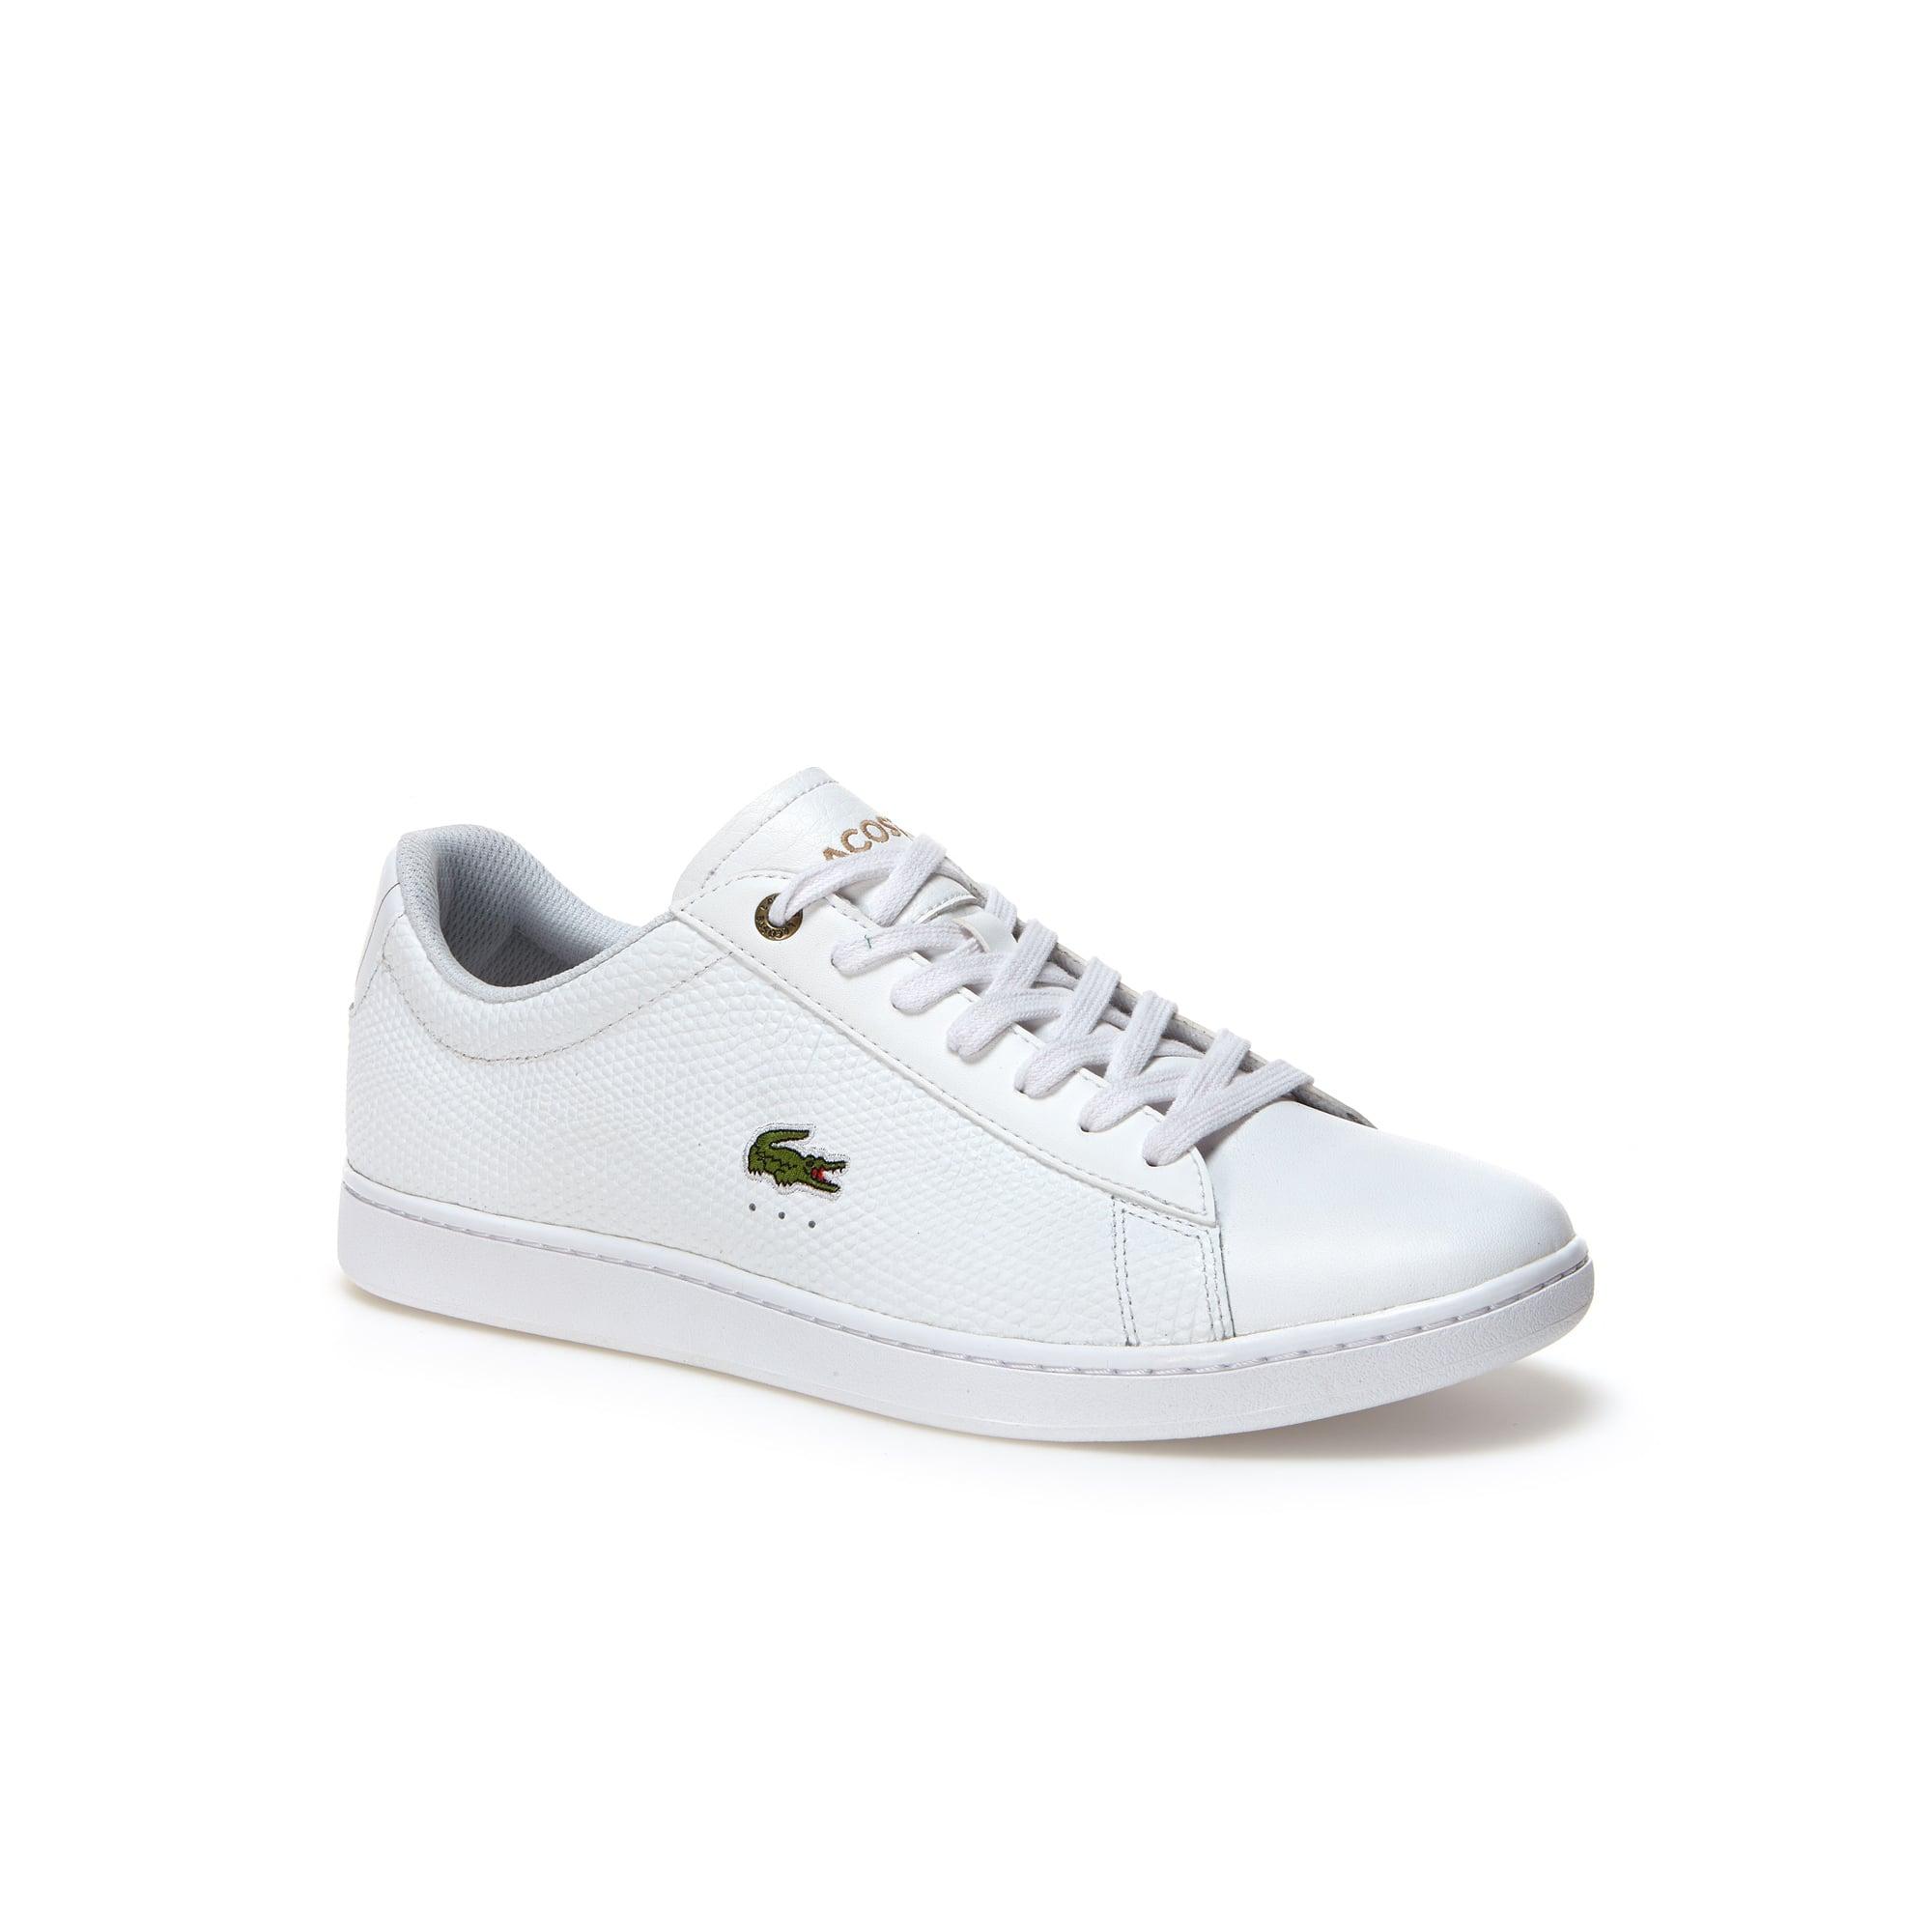 Carnaby Evo herensneakers van leer